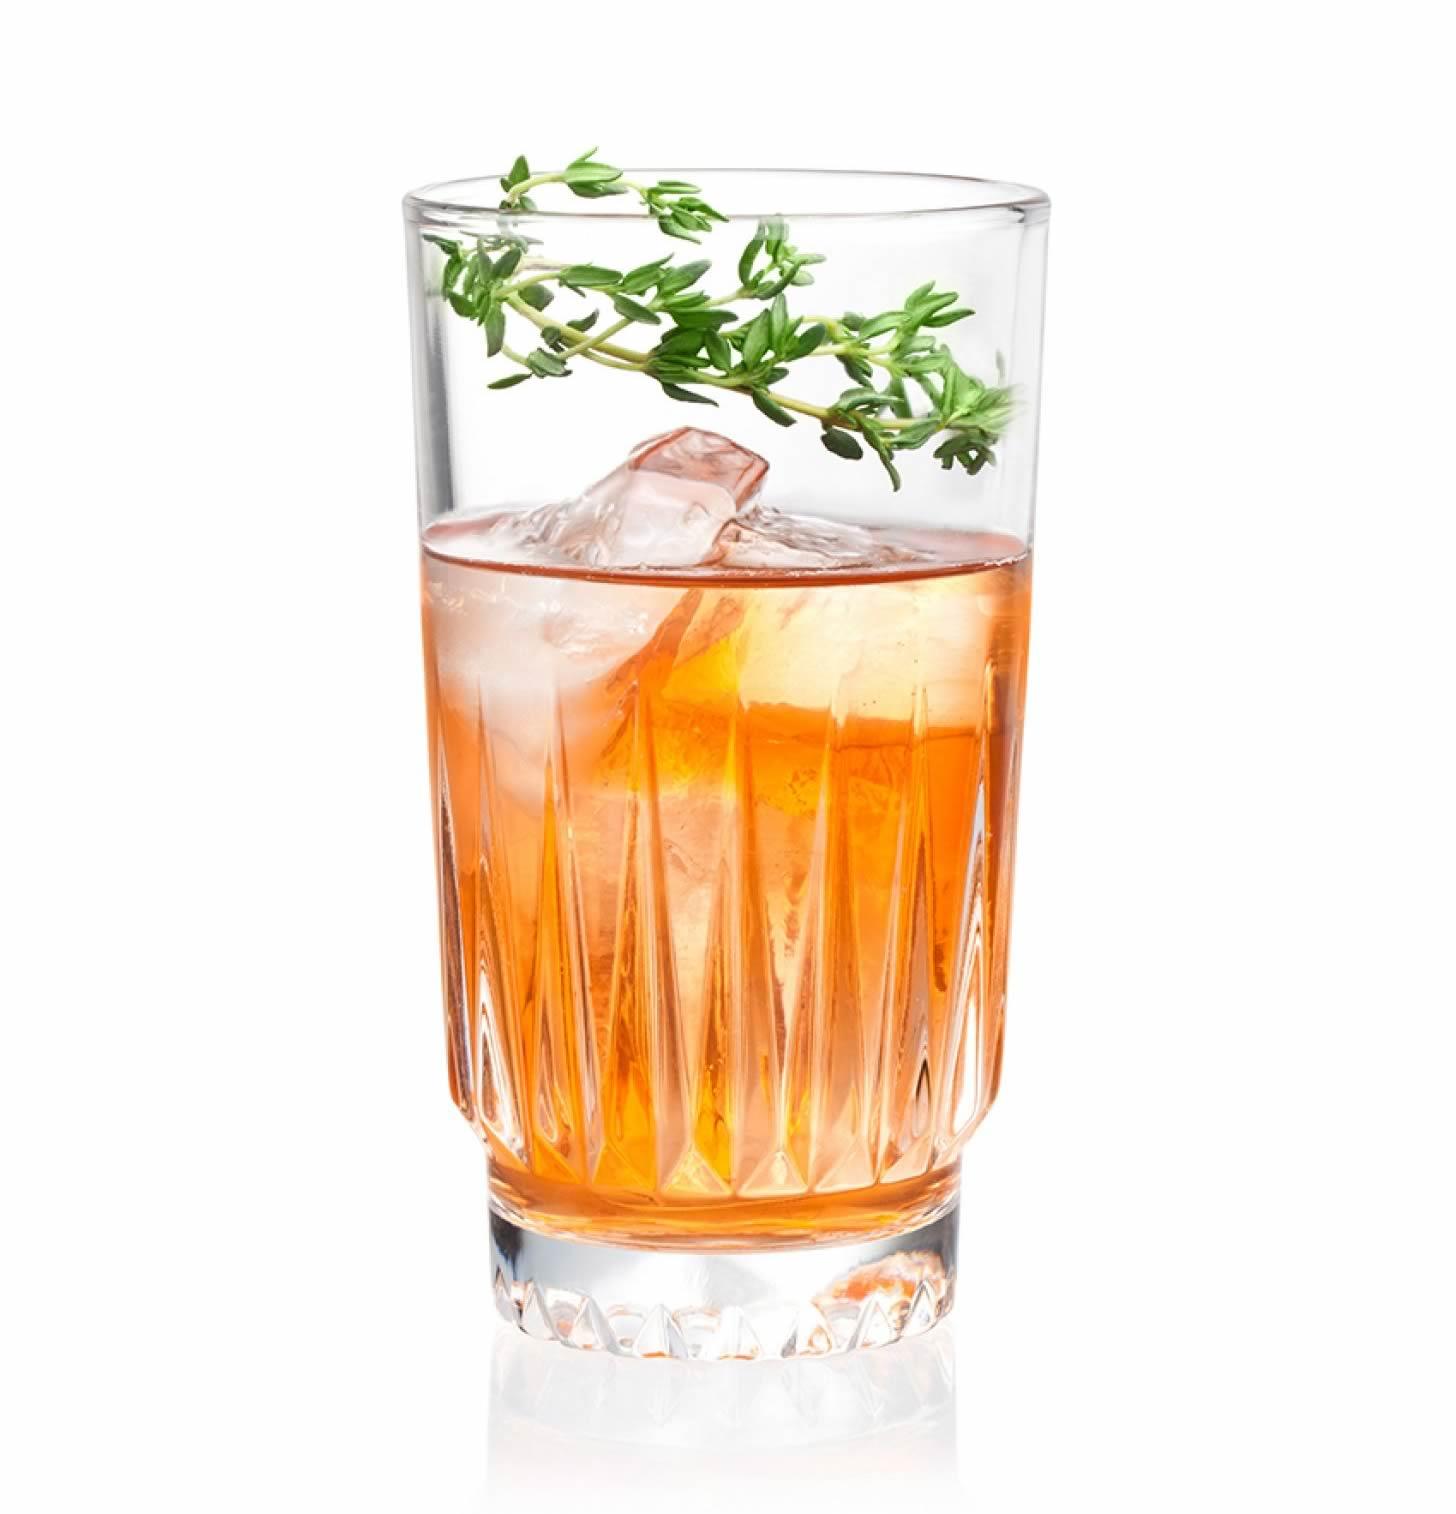 Розалина фото коктейля